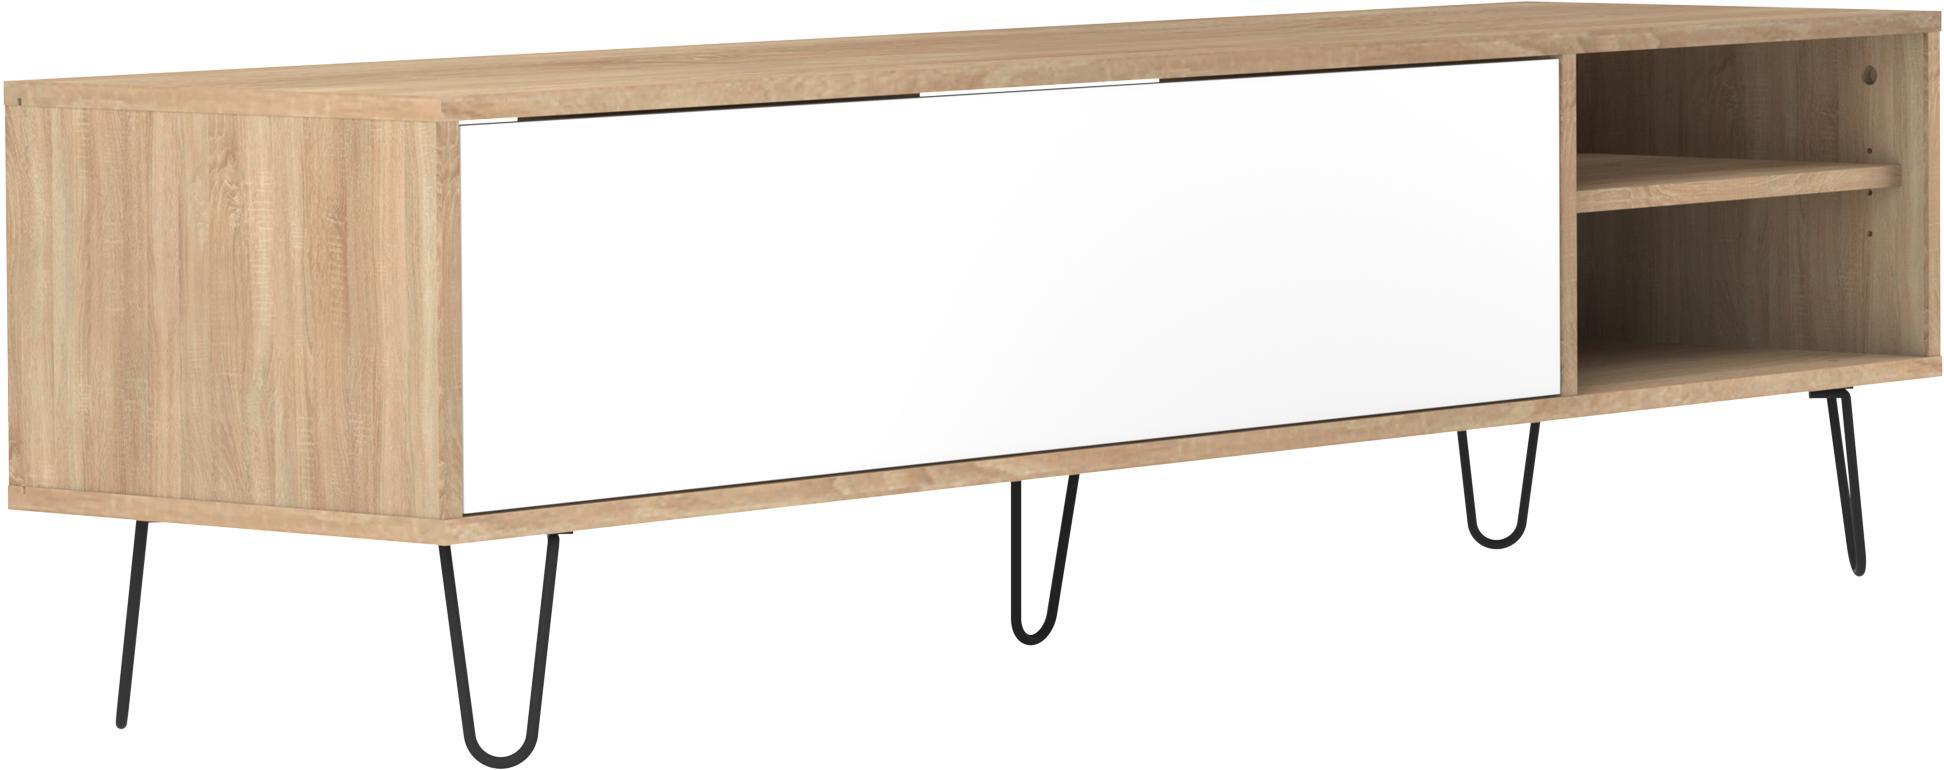 Mobile TV con anta a ribalta  Aero, Piedini: metallo, verniciato, Legno di quercia, bianco, Larg. 165 x Alt. 44 cm